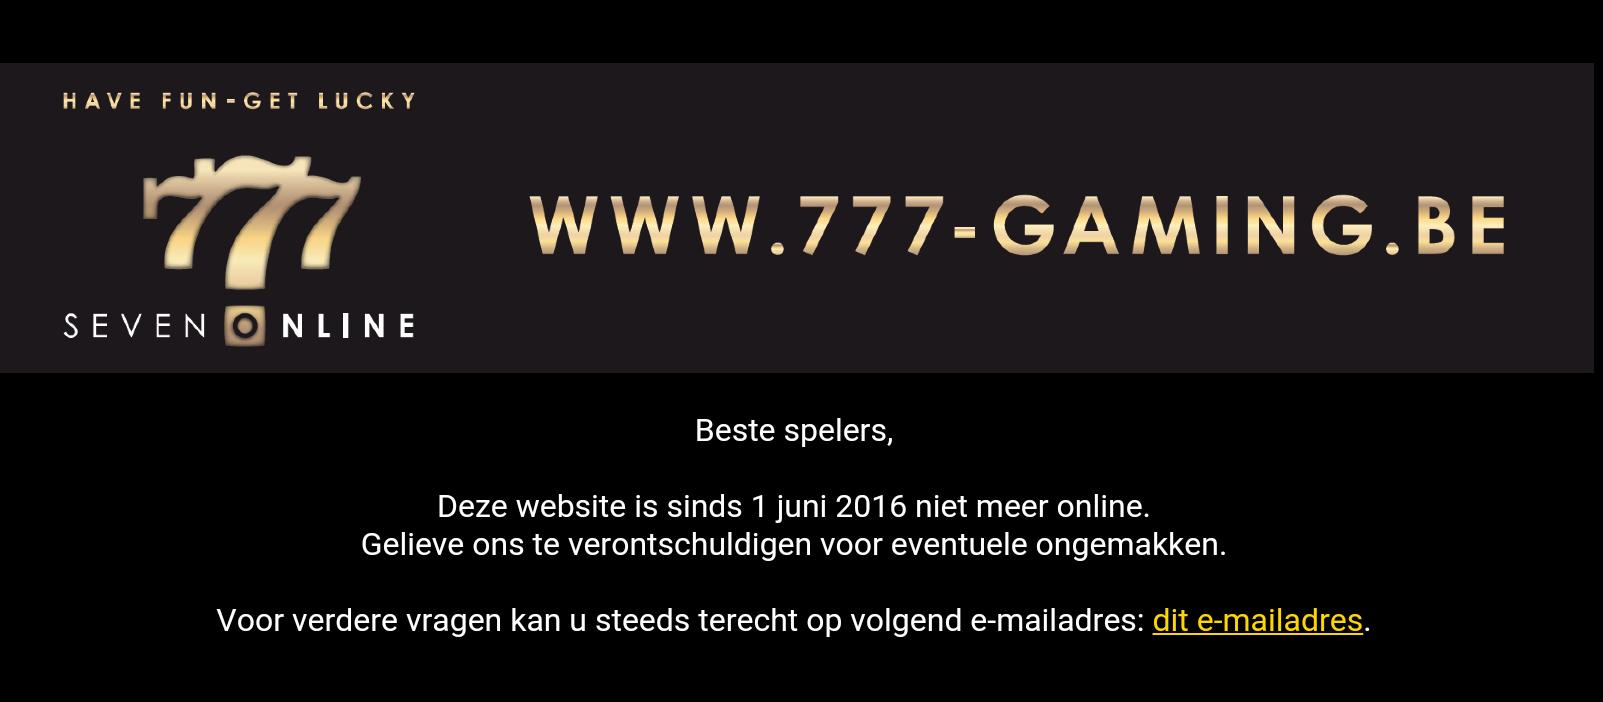 777-Gaming.be is gestopt wat is een goed alternatief?